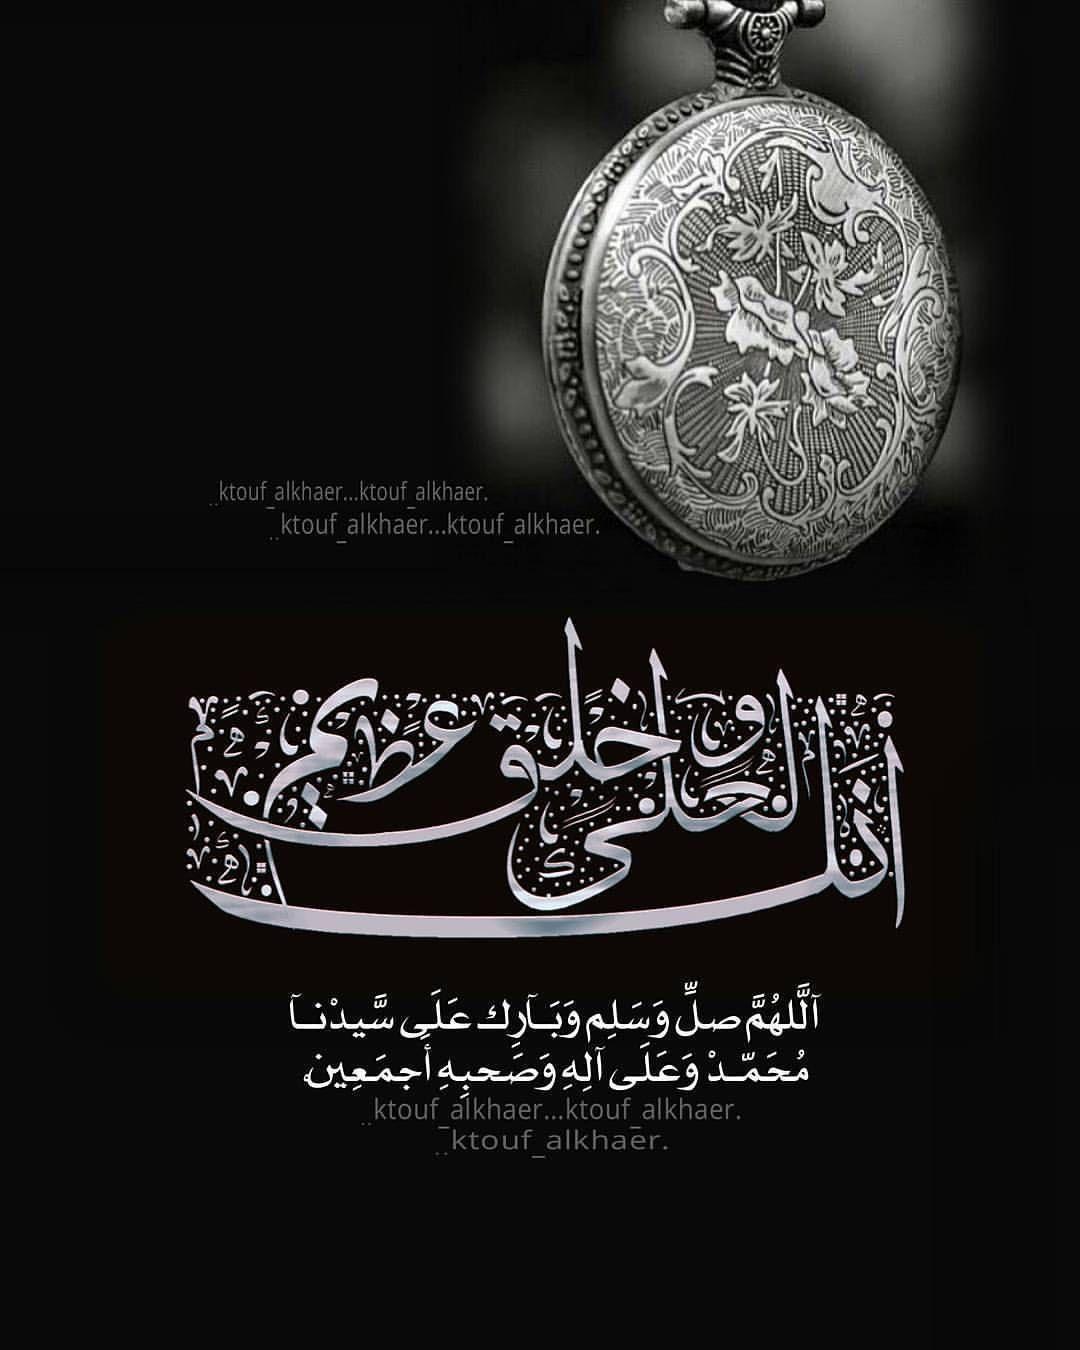 كان خلقه القرآن Words Quotes Arabic Words Words